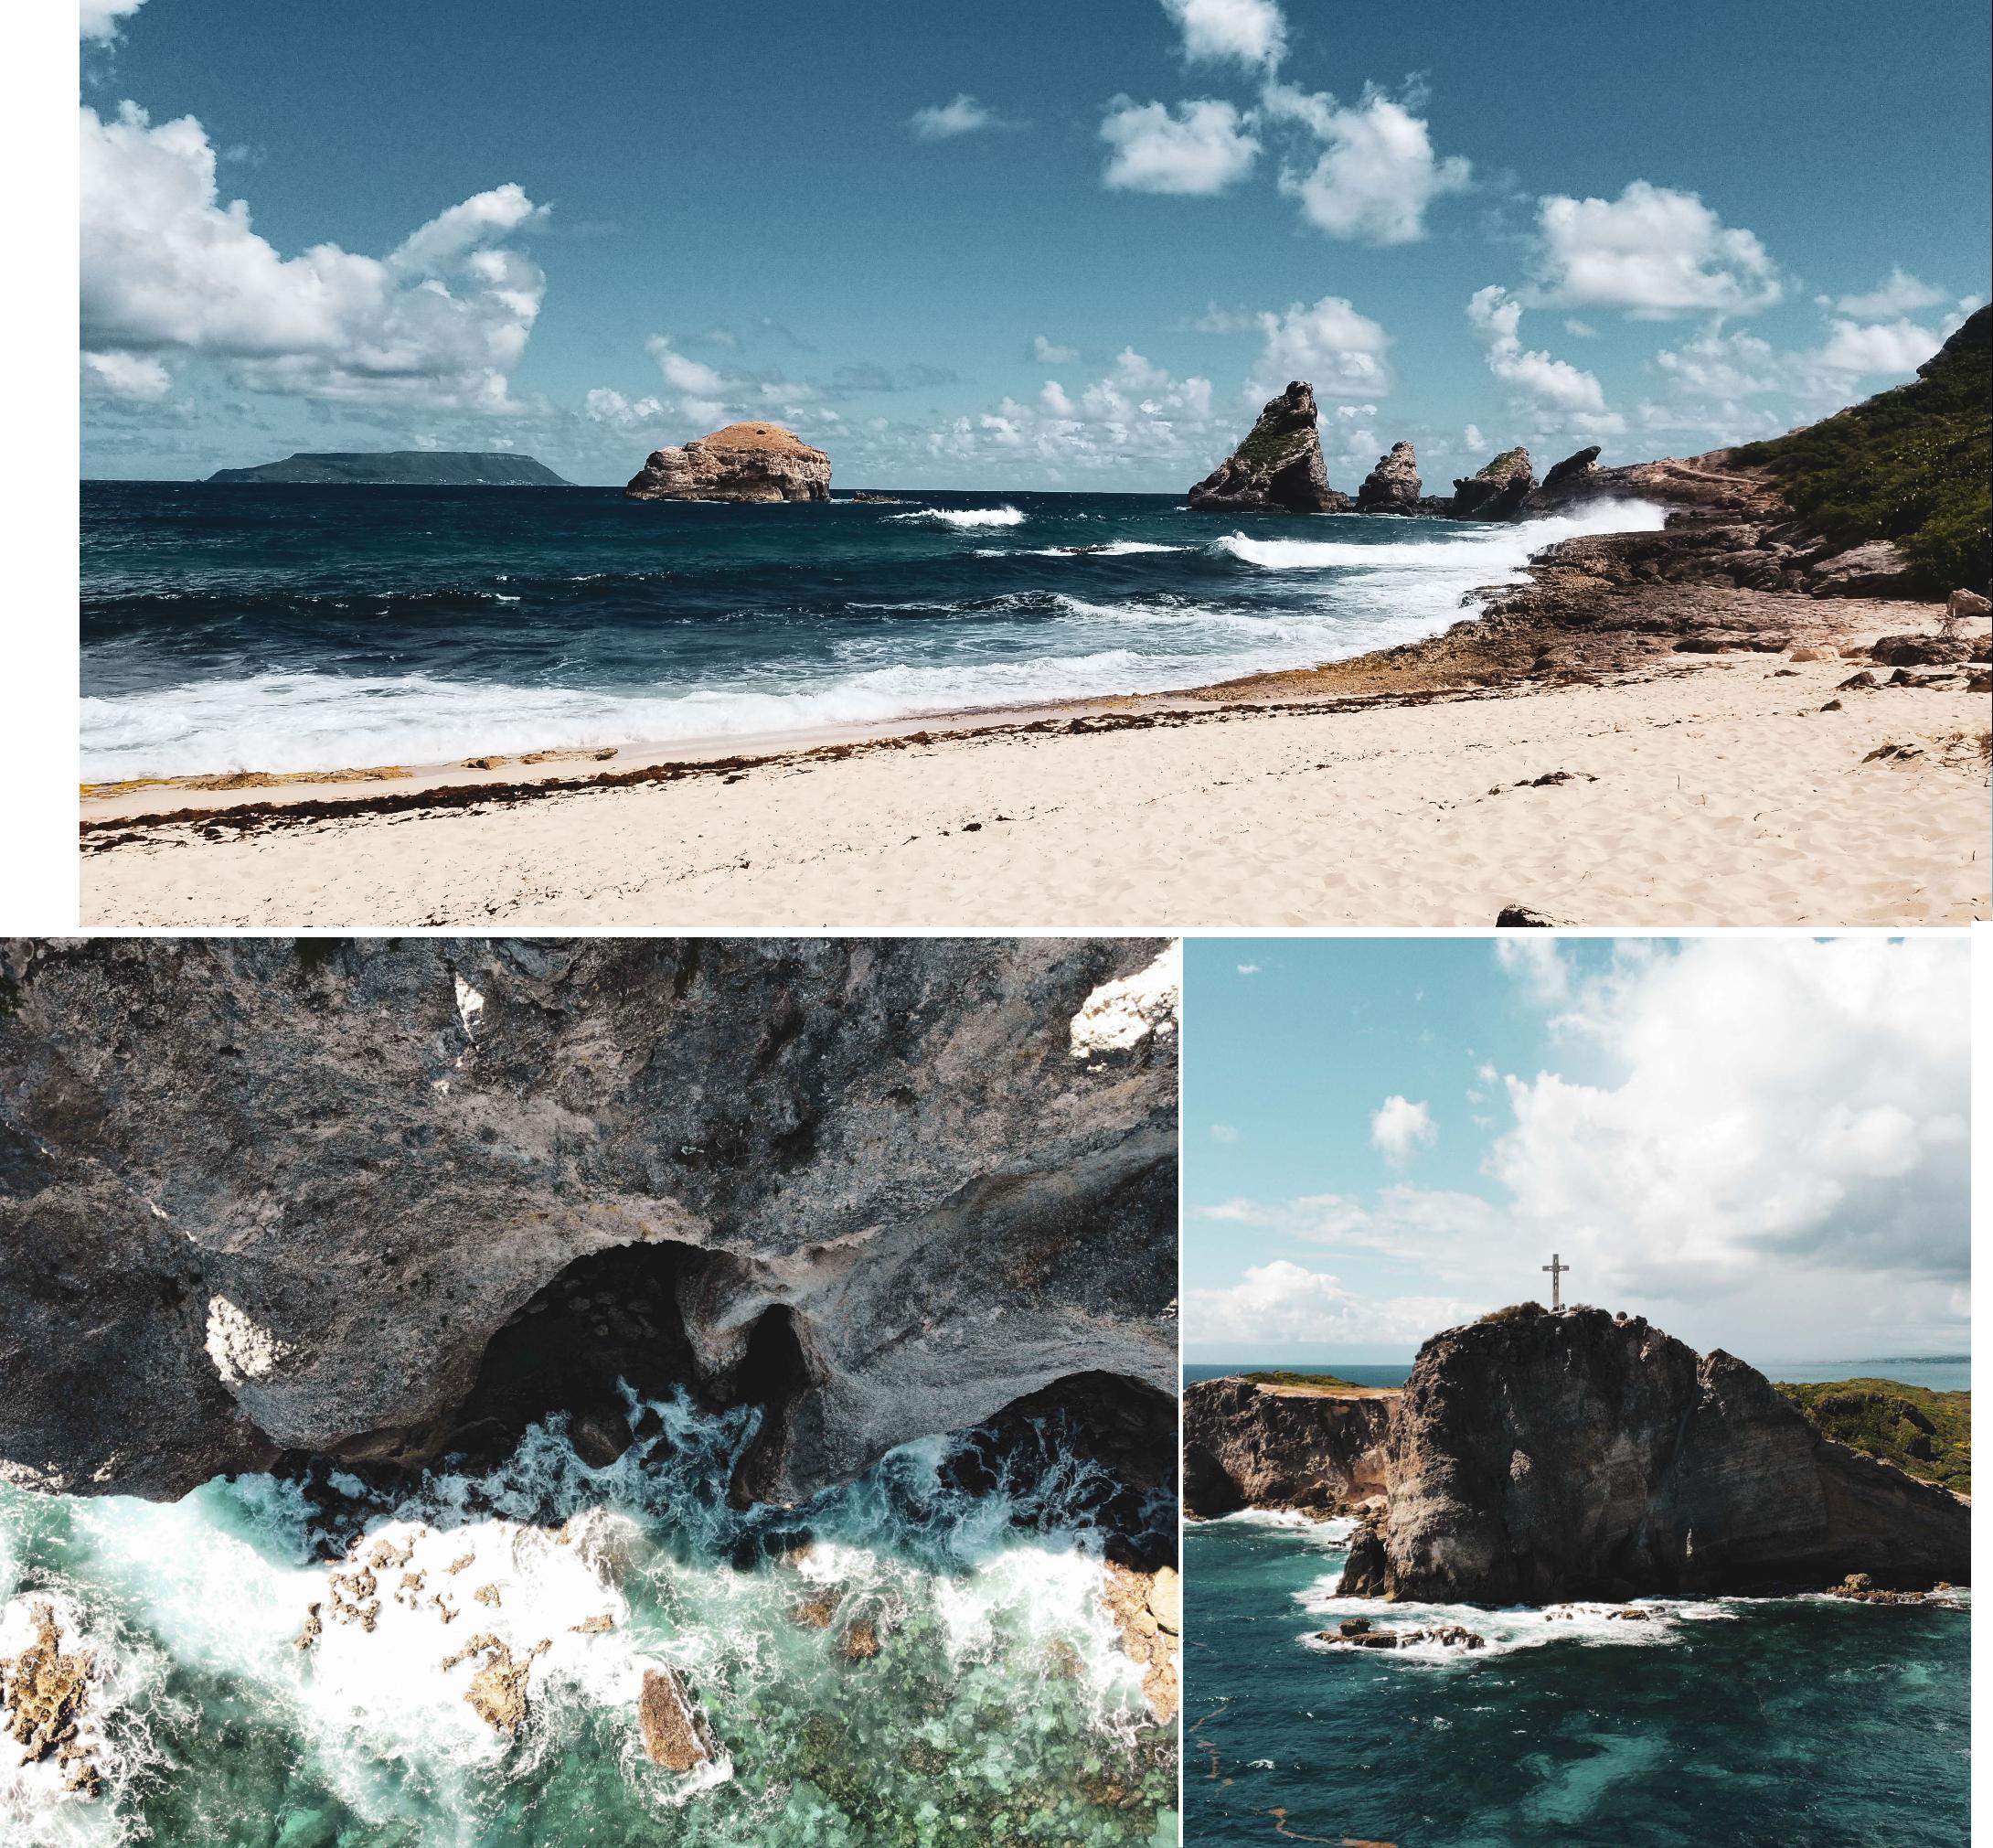 La Pointe des Chateaux en Guadeloupe, Côté Hublot